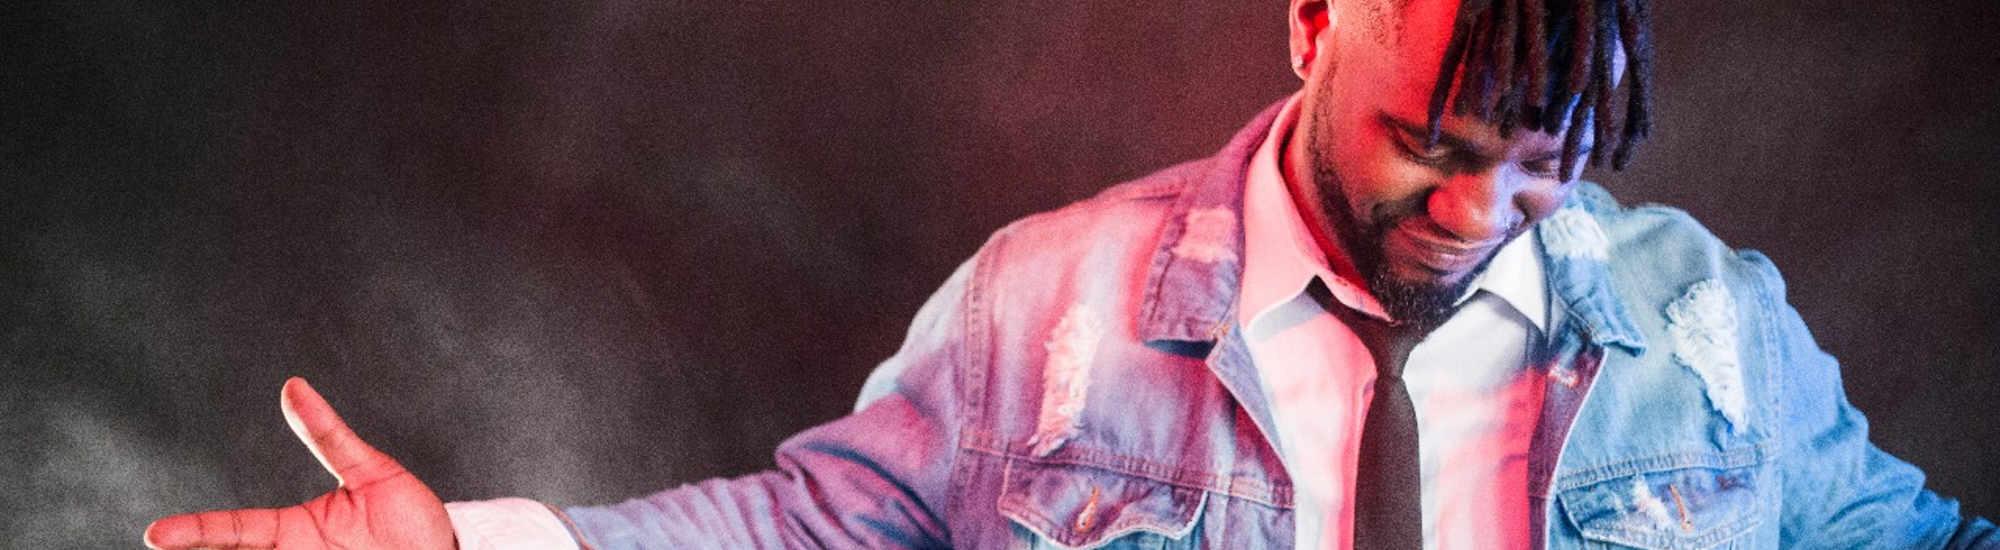 Com show em homenagem a Djavan, Walmir Borges retorna à Unibes Cultural